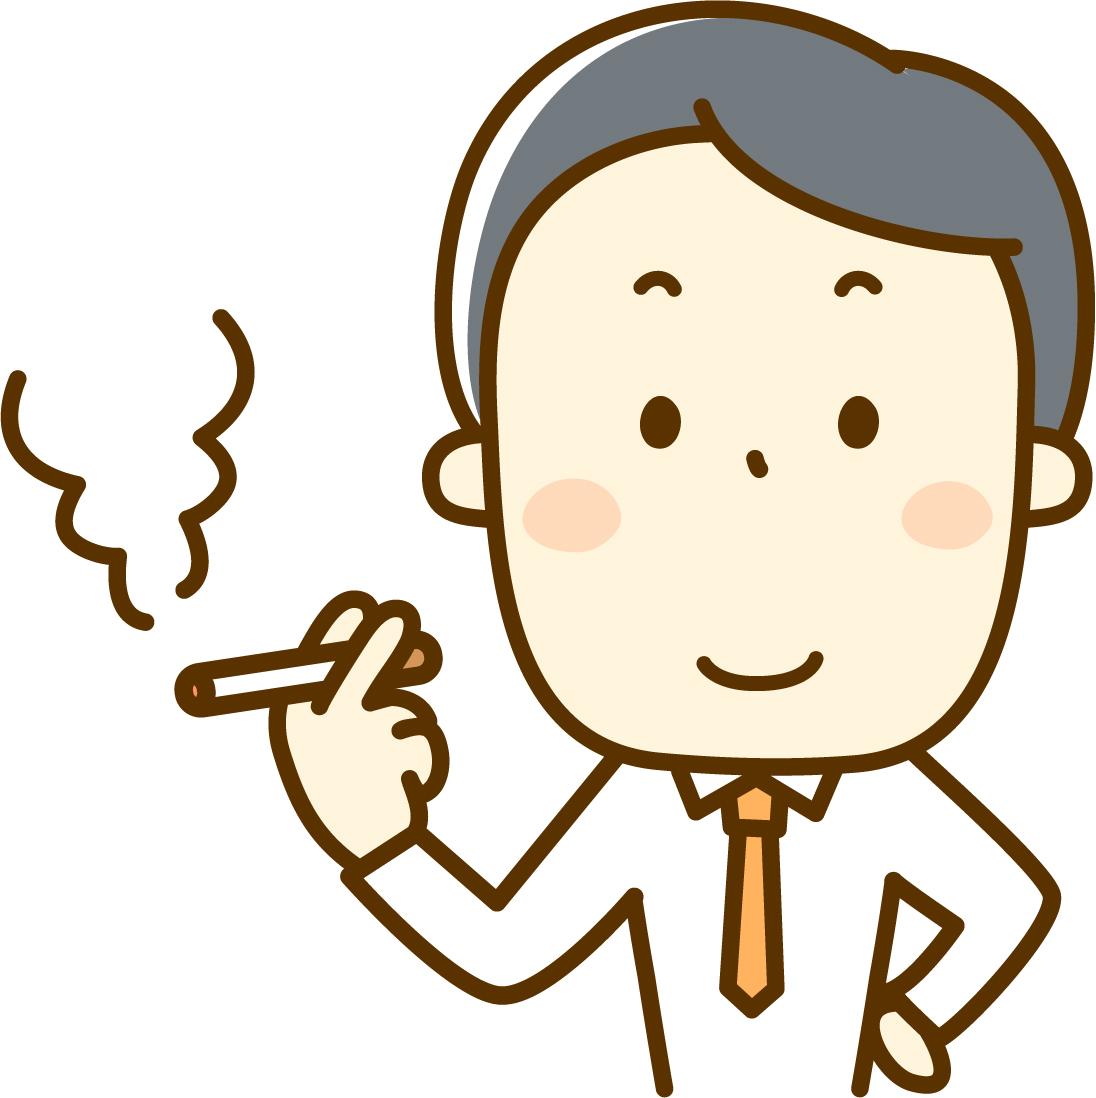 人の前でタバコを吸う行為(受動喫煙)は殺人と同じ。女性は肺癌に気を付けて